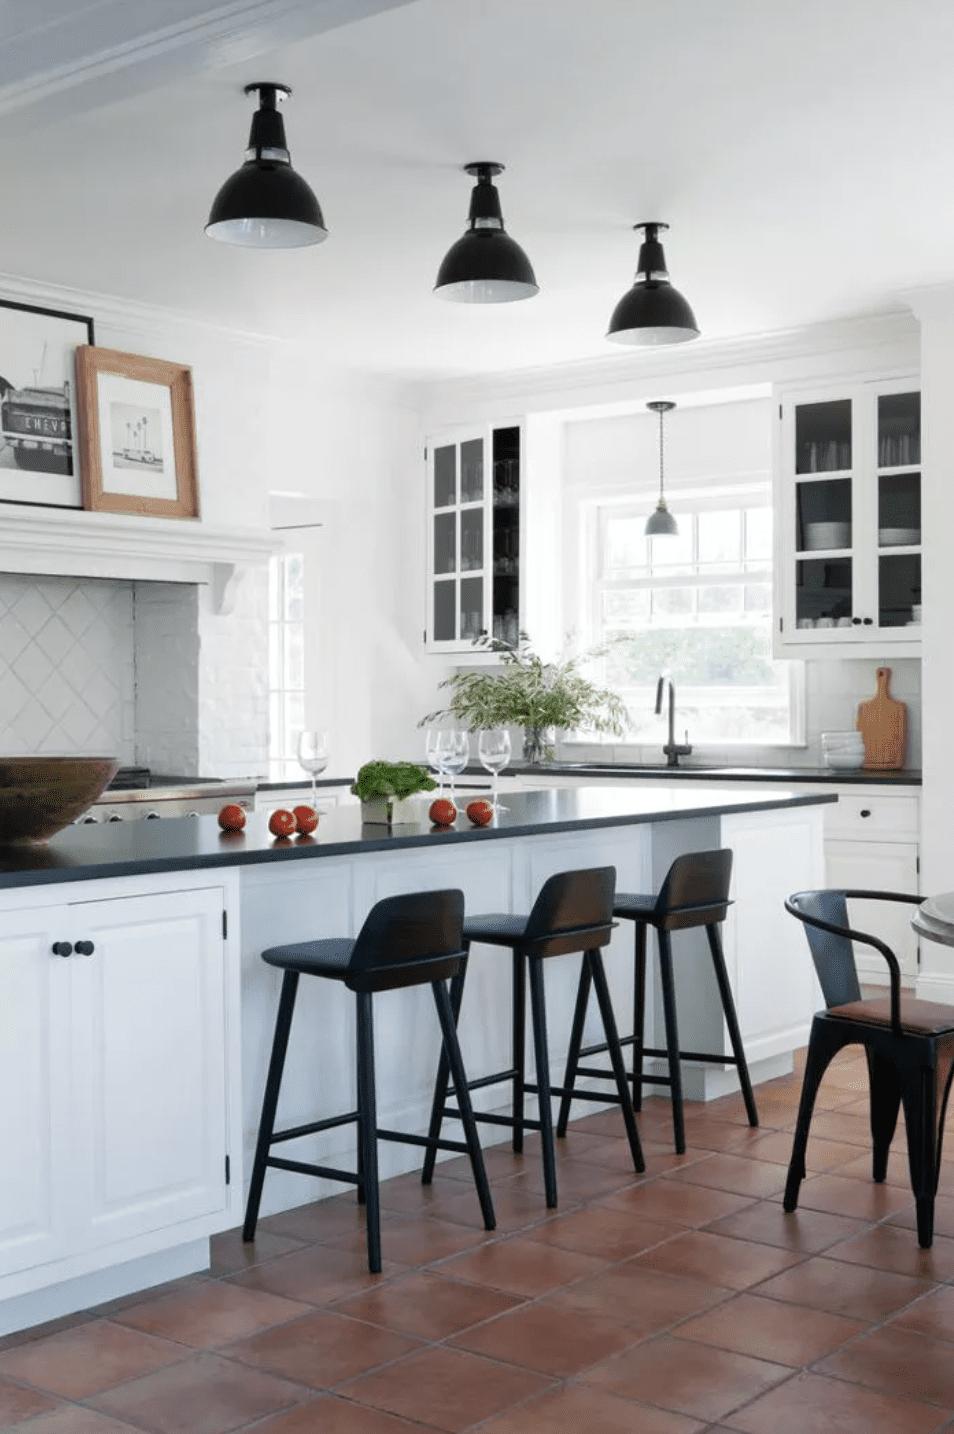 Bright kitchen with dark countertops